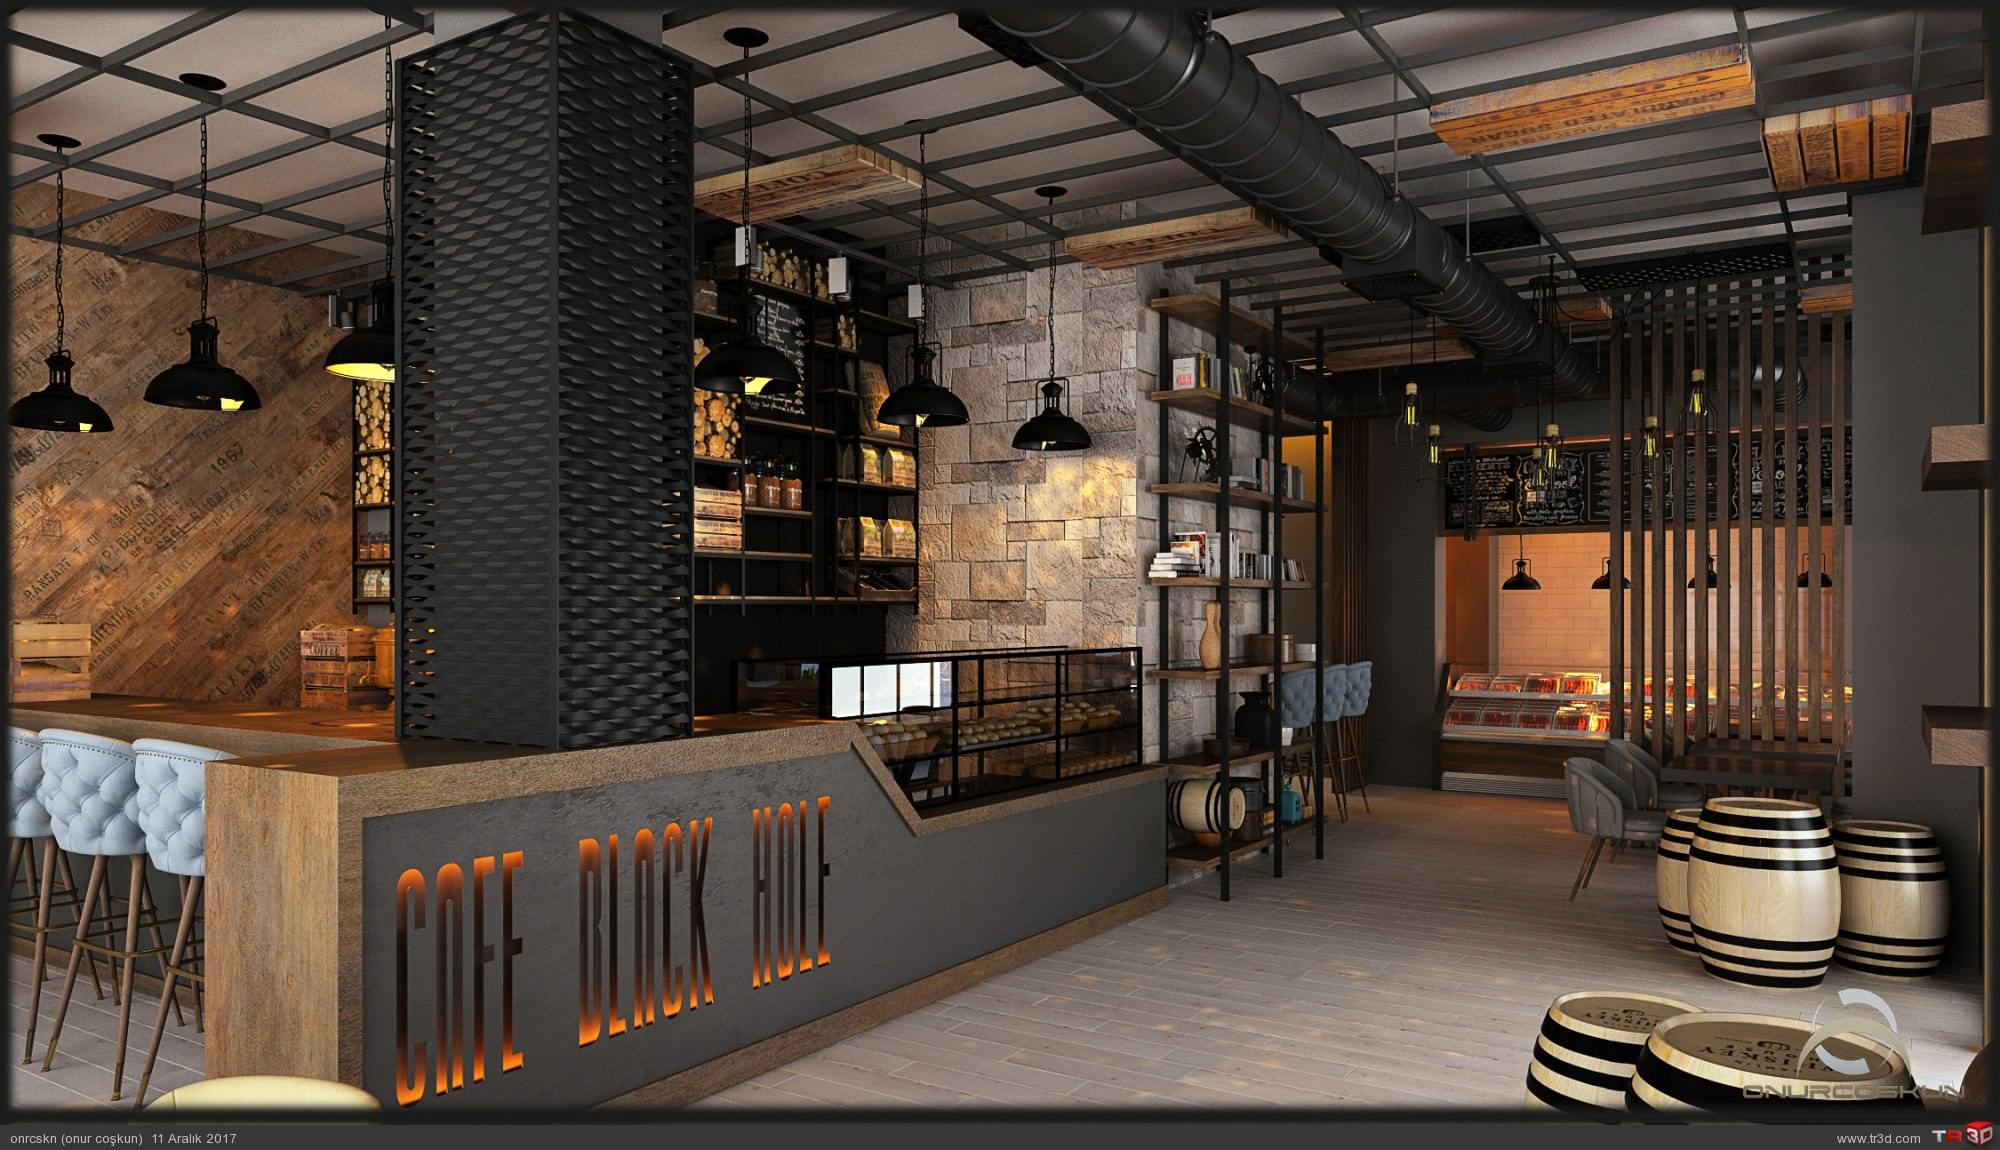 CAFE BLACK HOLE 1